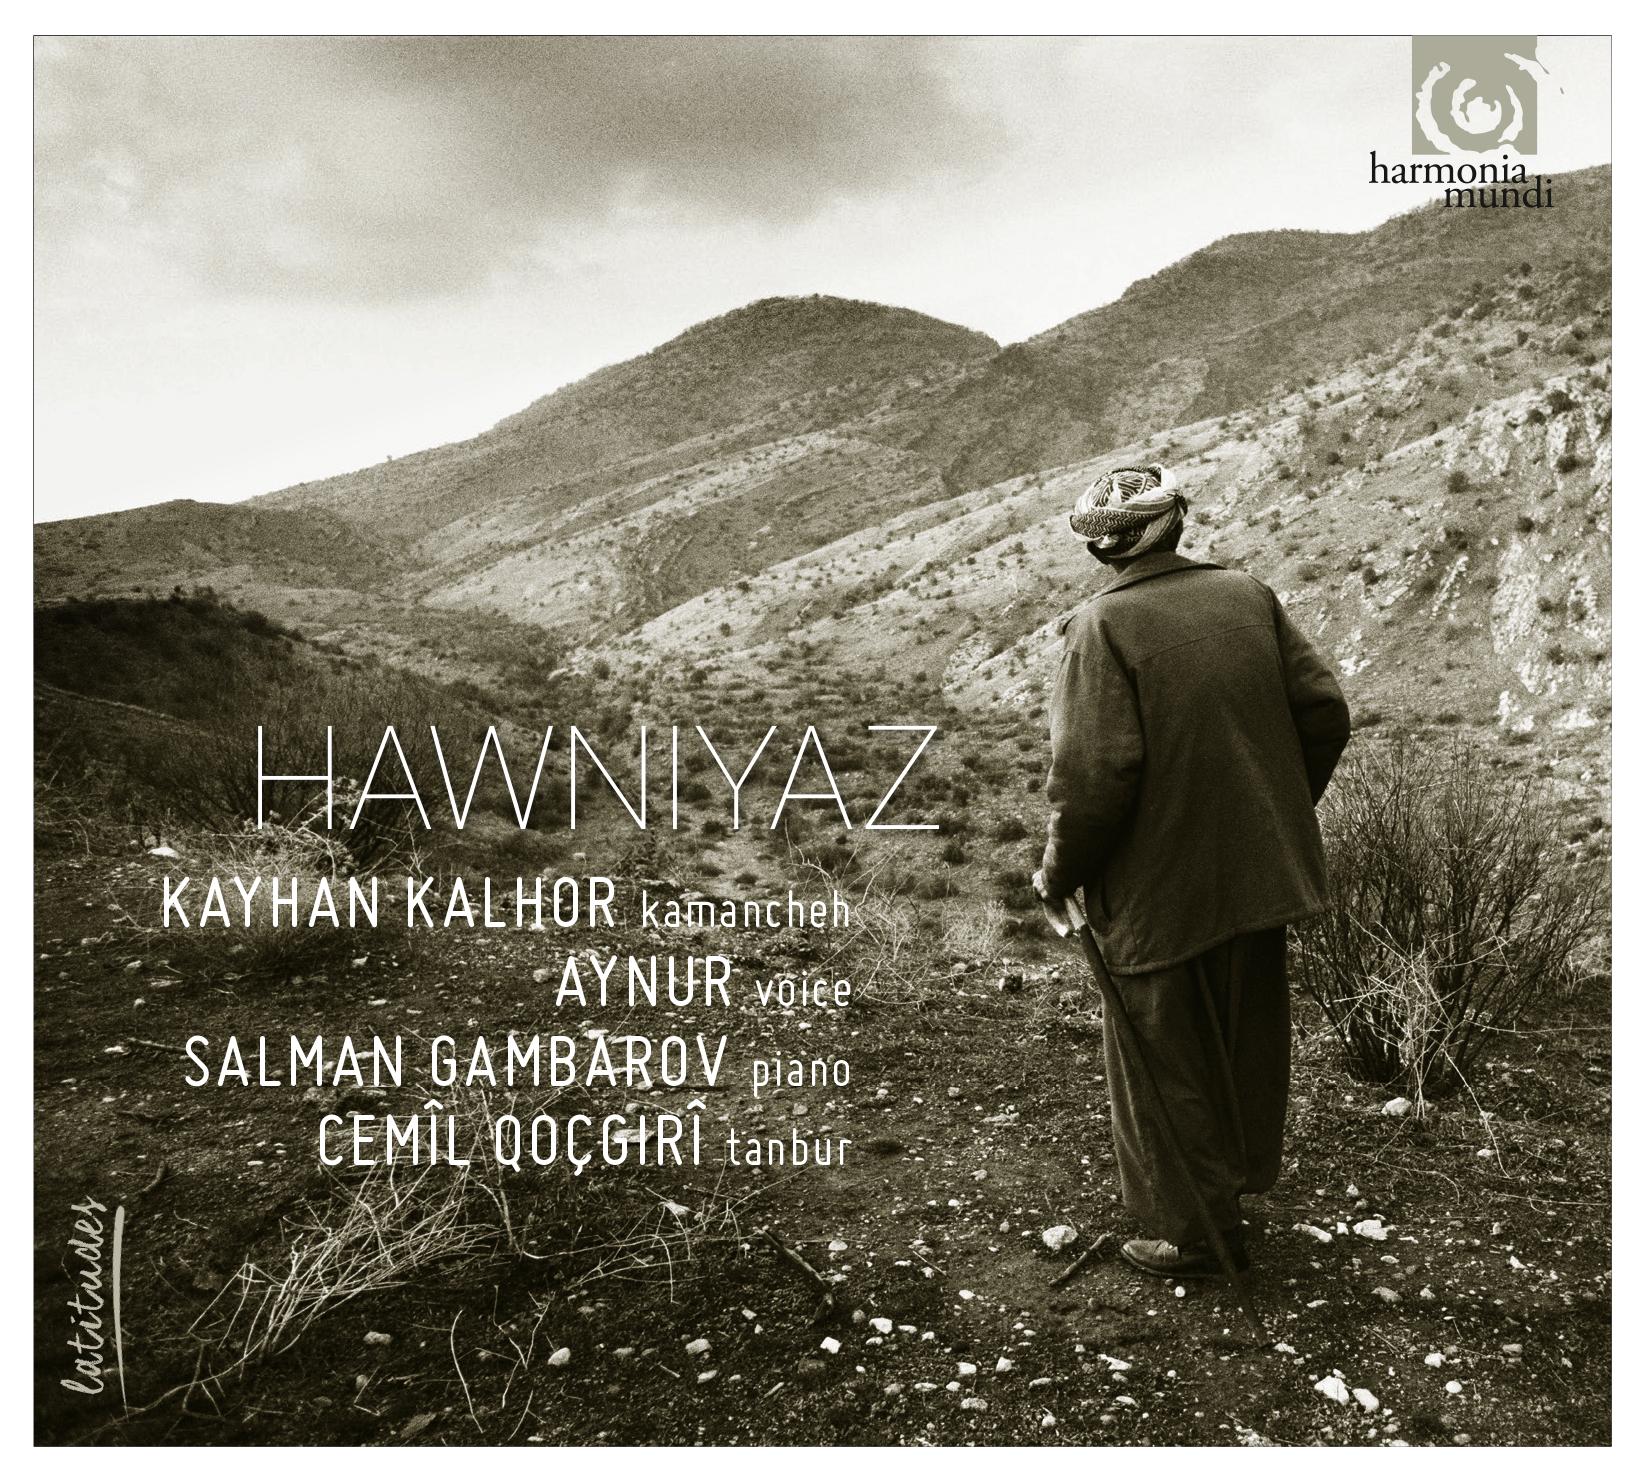 Hawniyaz Ensemble - Hawniyaz